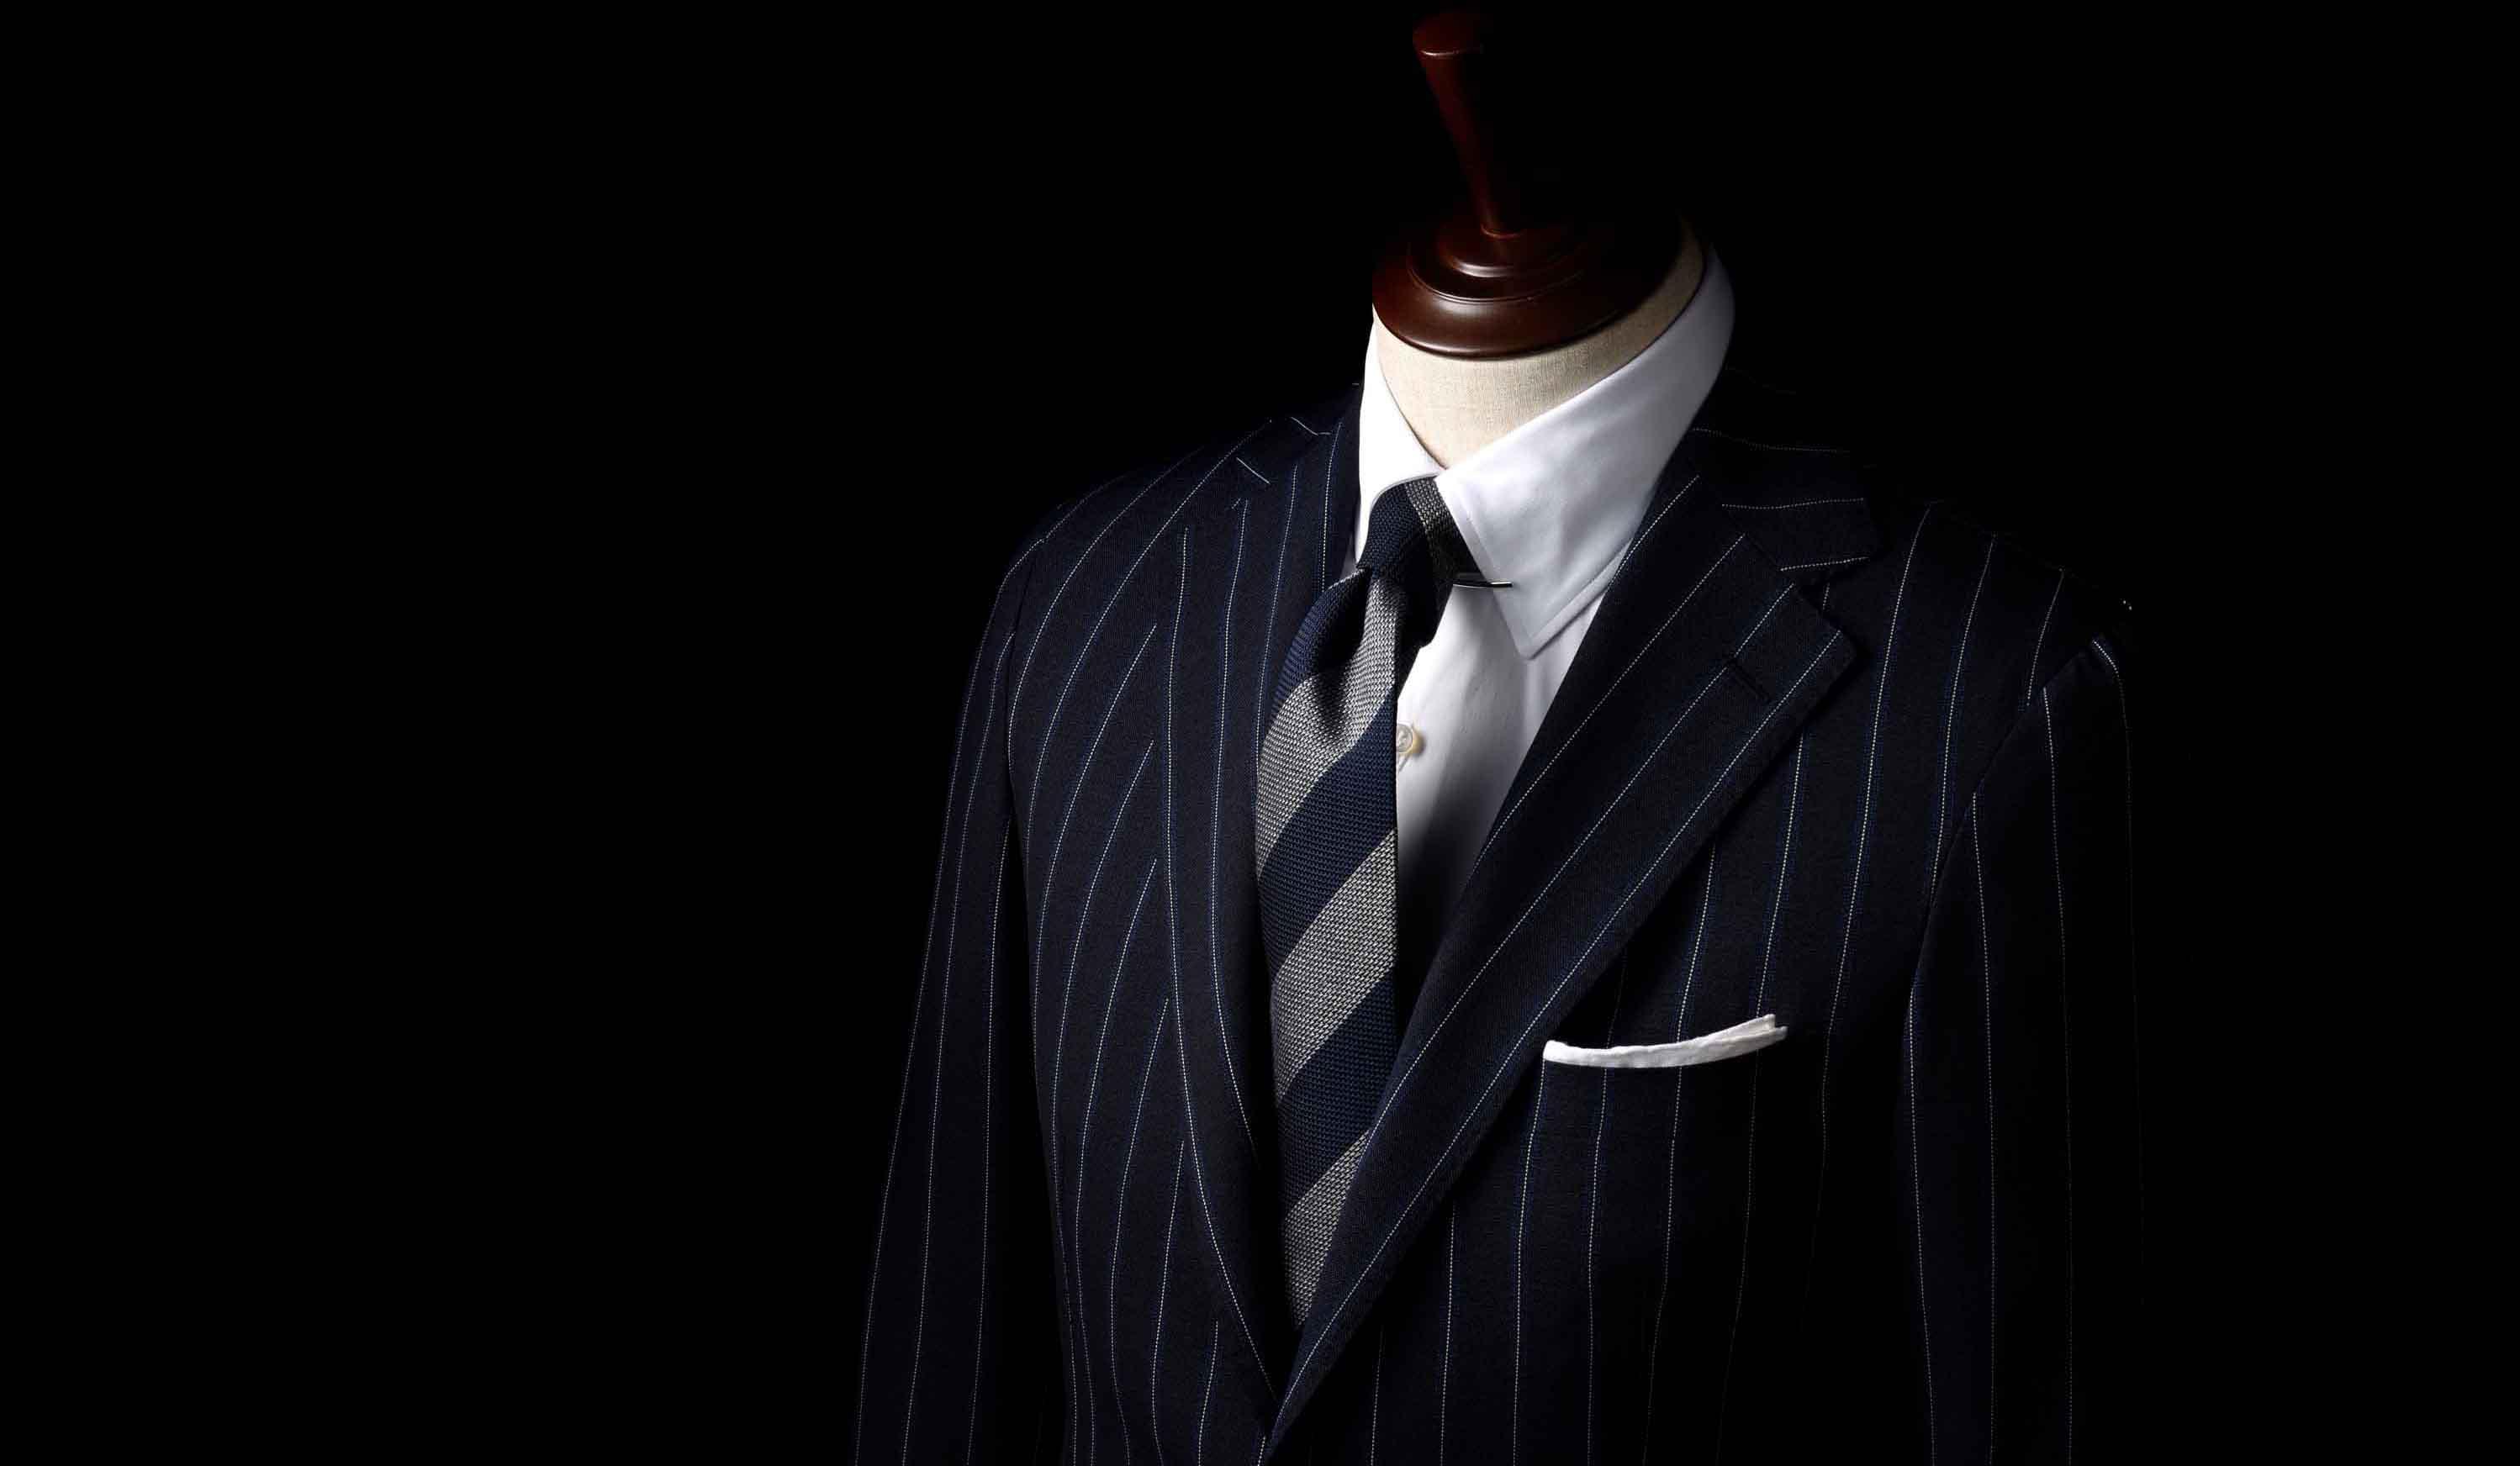 ダブルノット結びをしたスーツのバストアップ